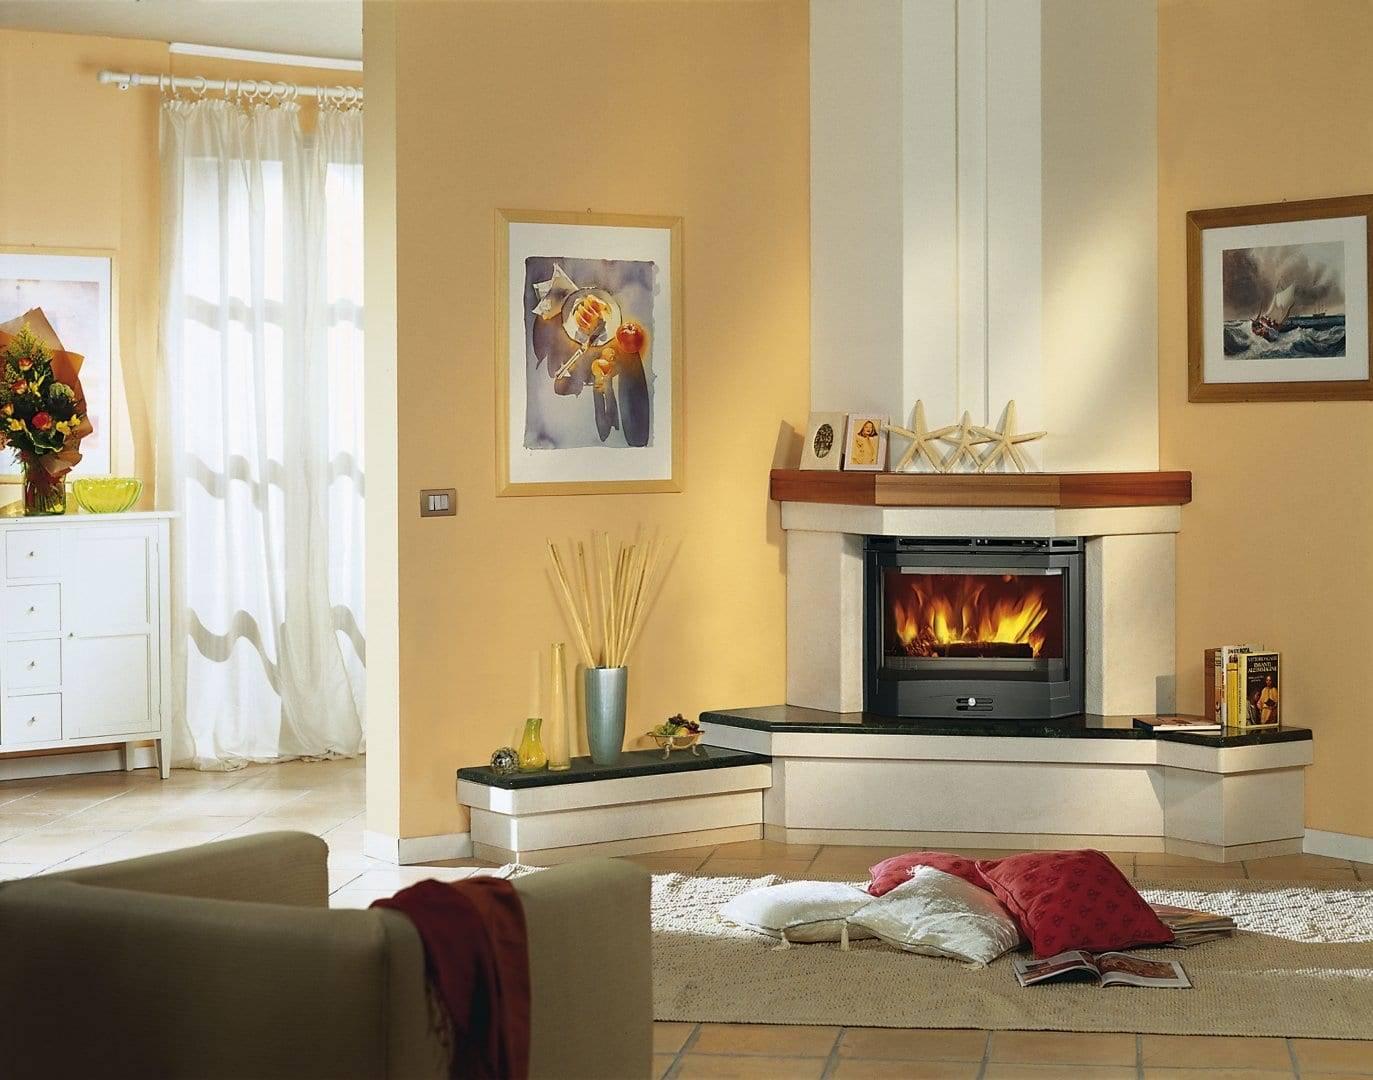 Электрокамин в интерьере (56 фото): настенные электрические камины в квартире